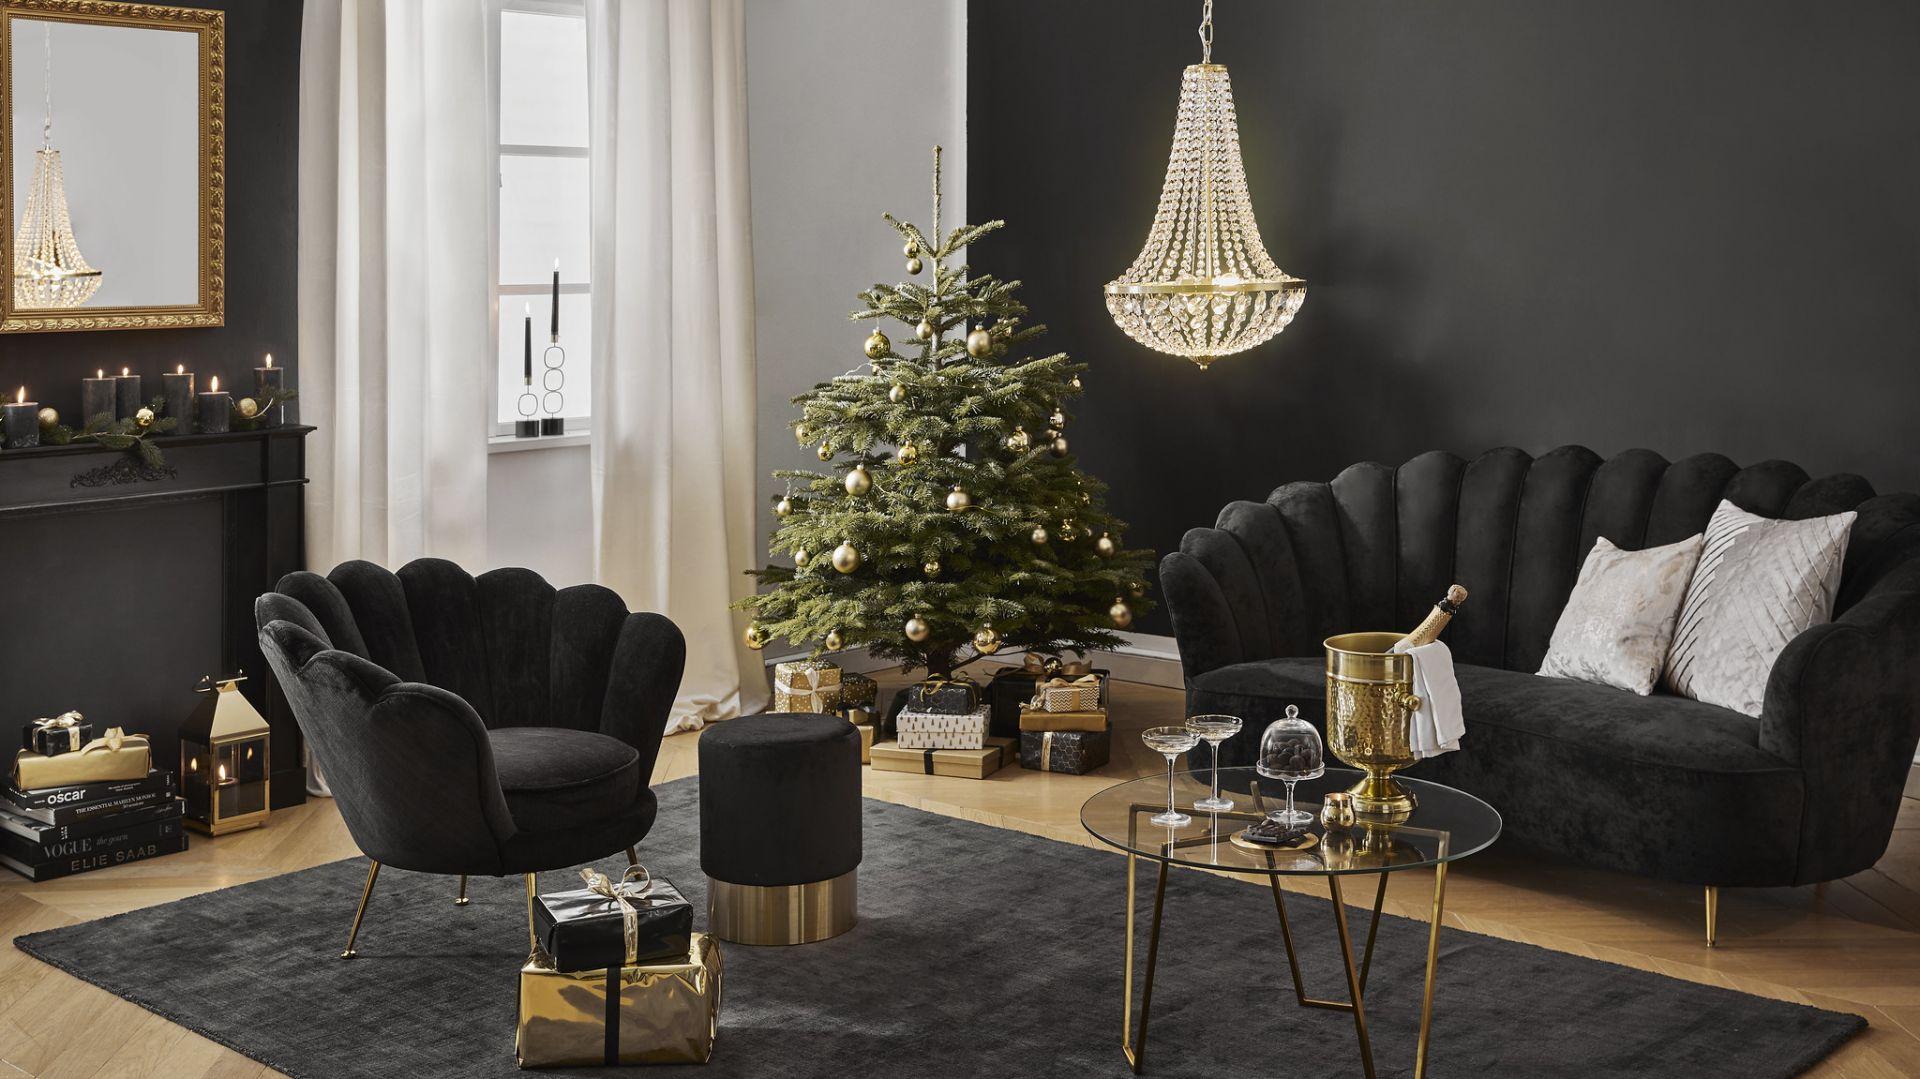 Aranżacje świąteczne: wybierz styl glamour. Fot.  Westwing